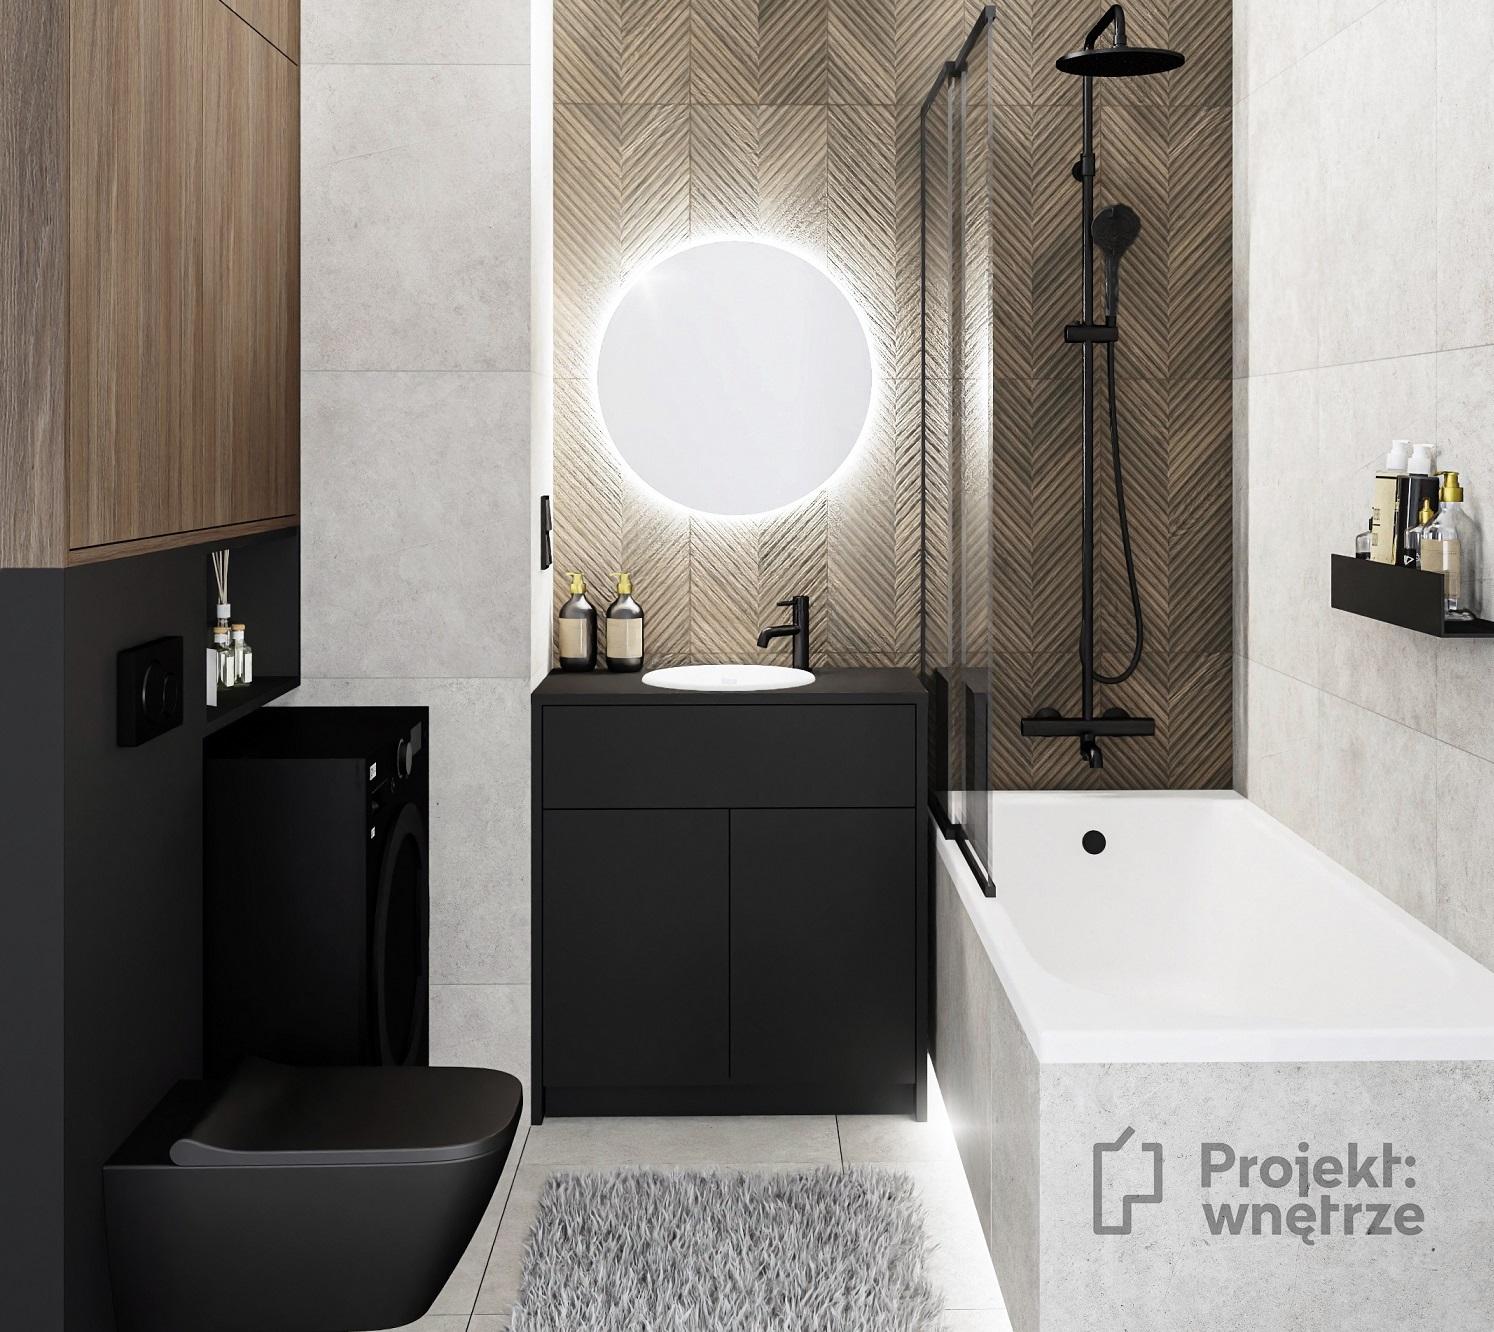 Projekt wnętrze łazienka w stylu loft ciemne płytki zabudowa czarne WC Paradyż Afternoon Brown Tubądzin Aulla Graphite okrągłe lustro LED parawan nawannowy (1)